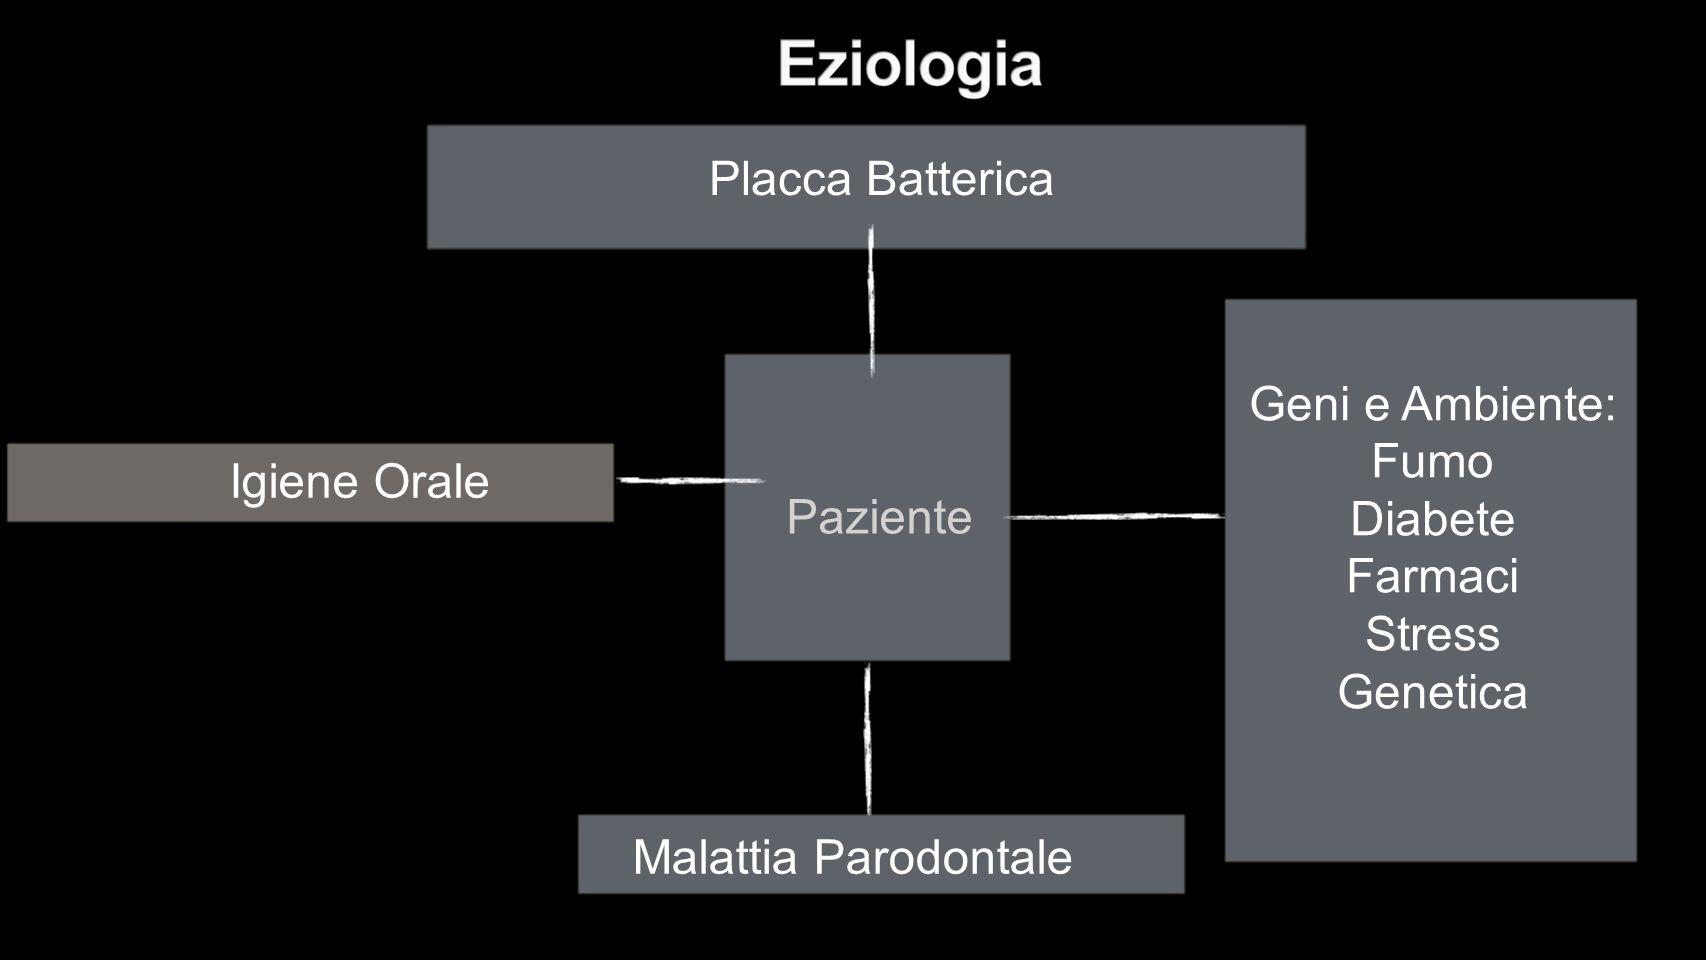 Paziente Placca Batterica Igiene Orale Malattia Parodontale Geni e Ambiente: Fumo Diabete Farmaci Stress Genetica